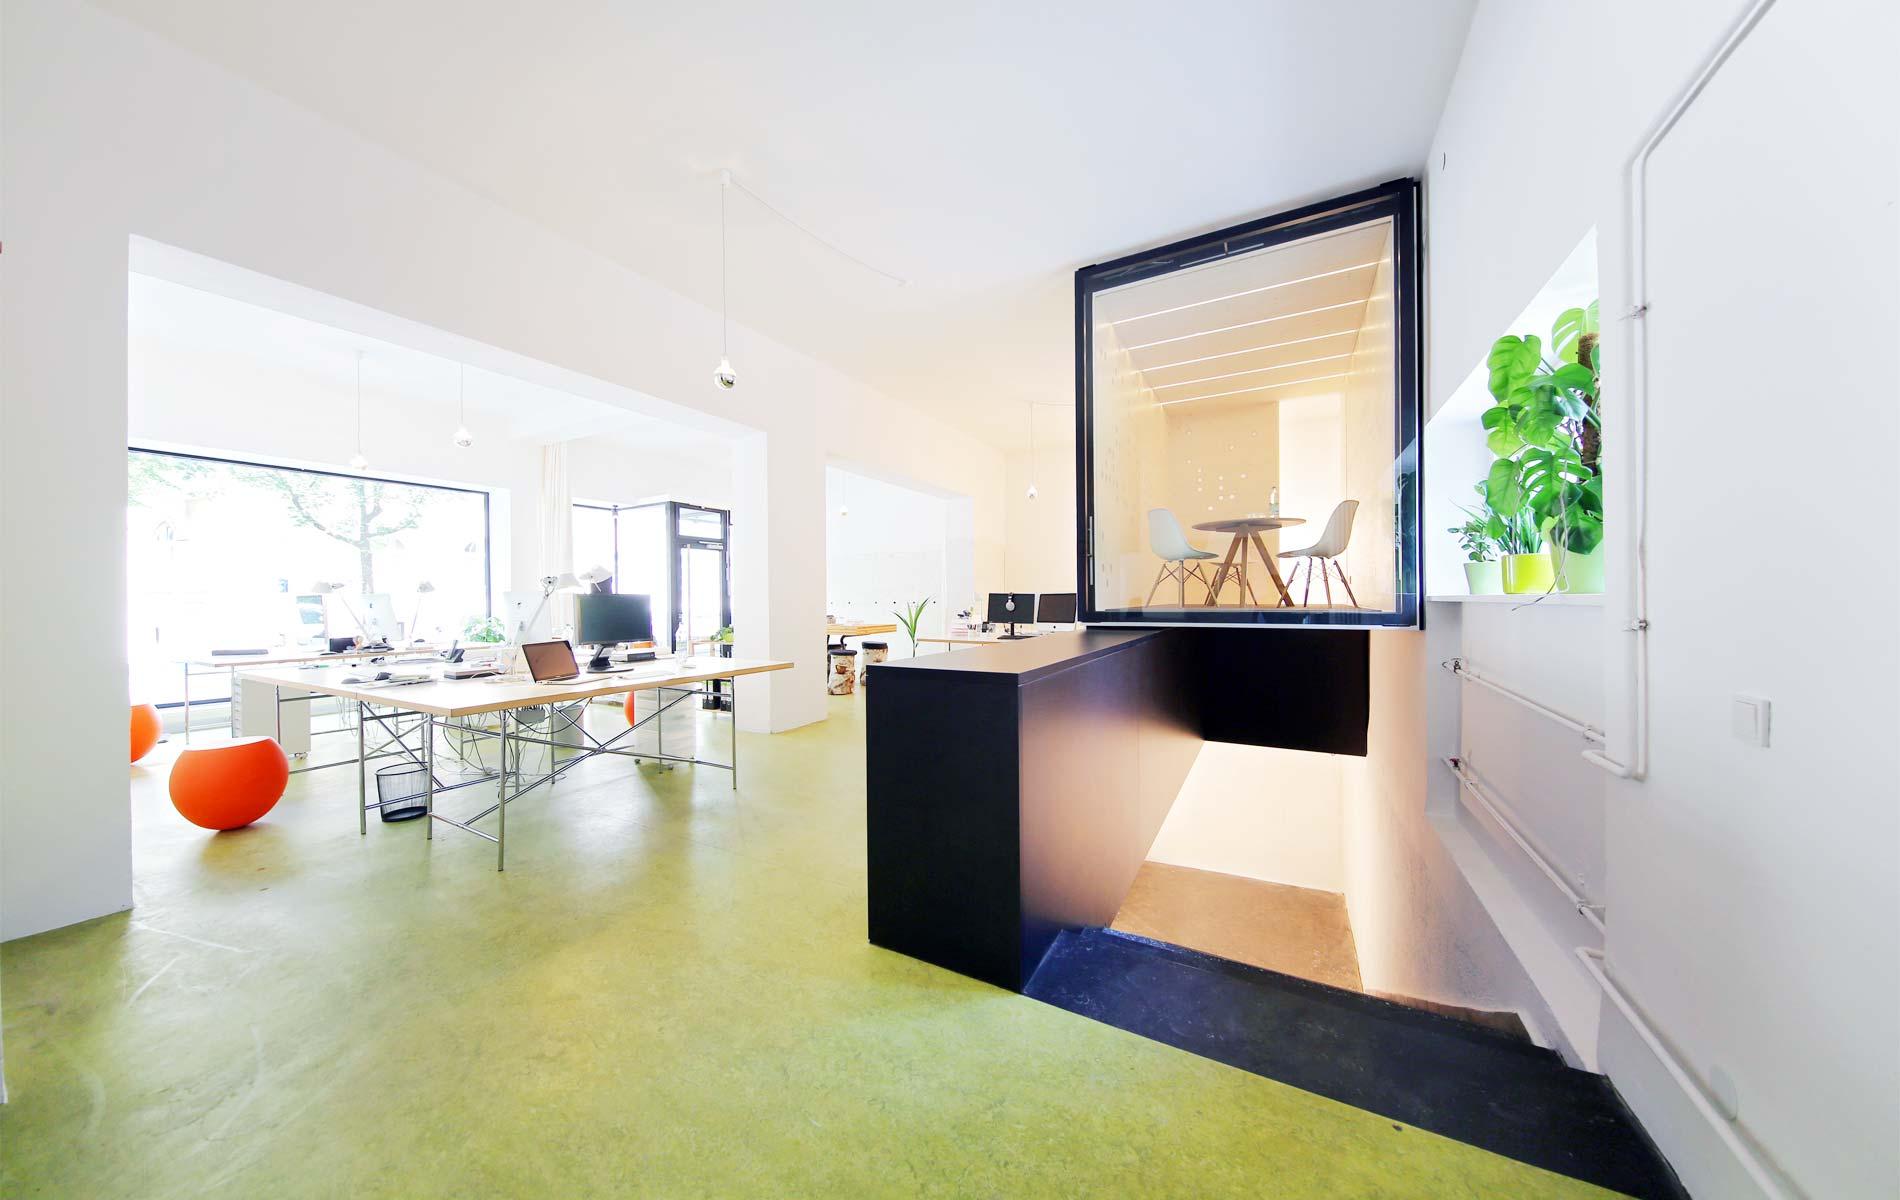 Besprechungsbox für moderne Coworking Spaces